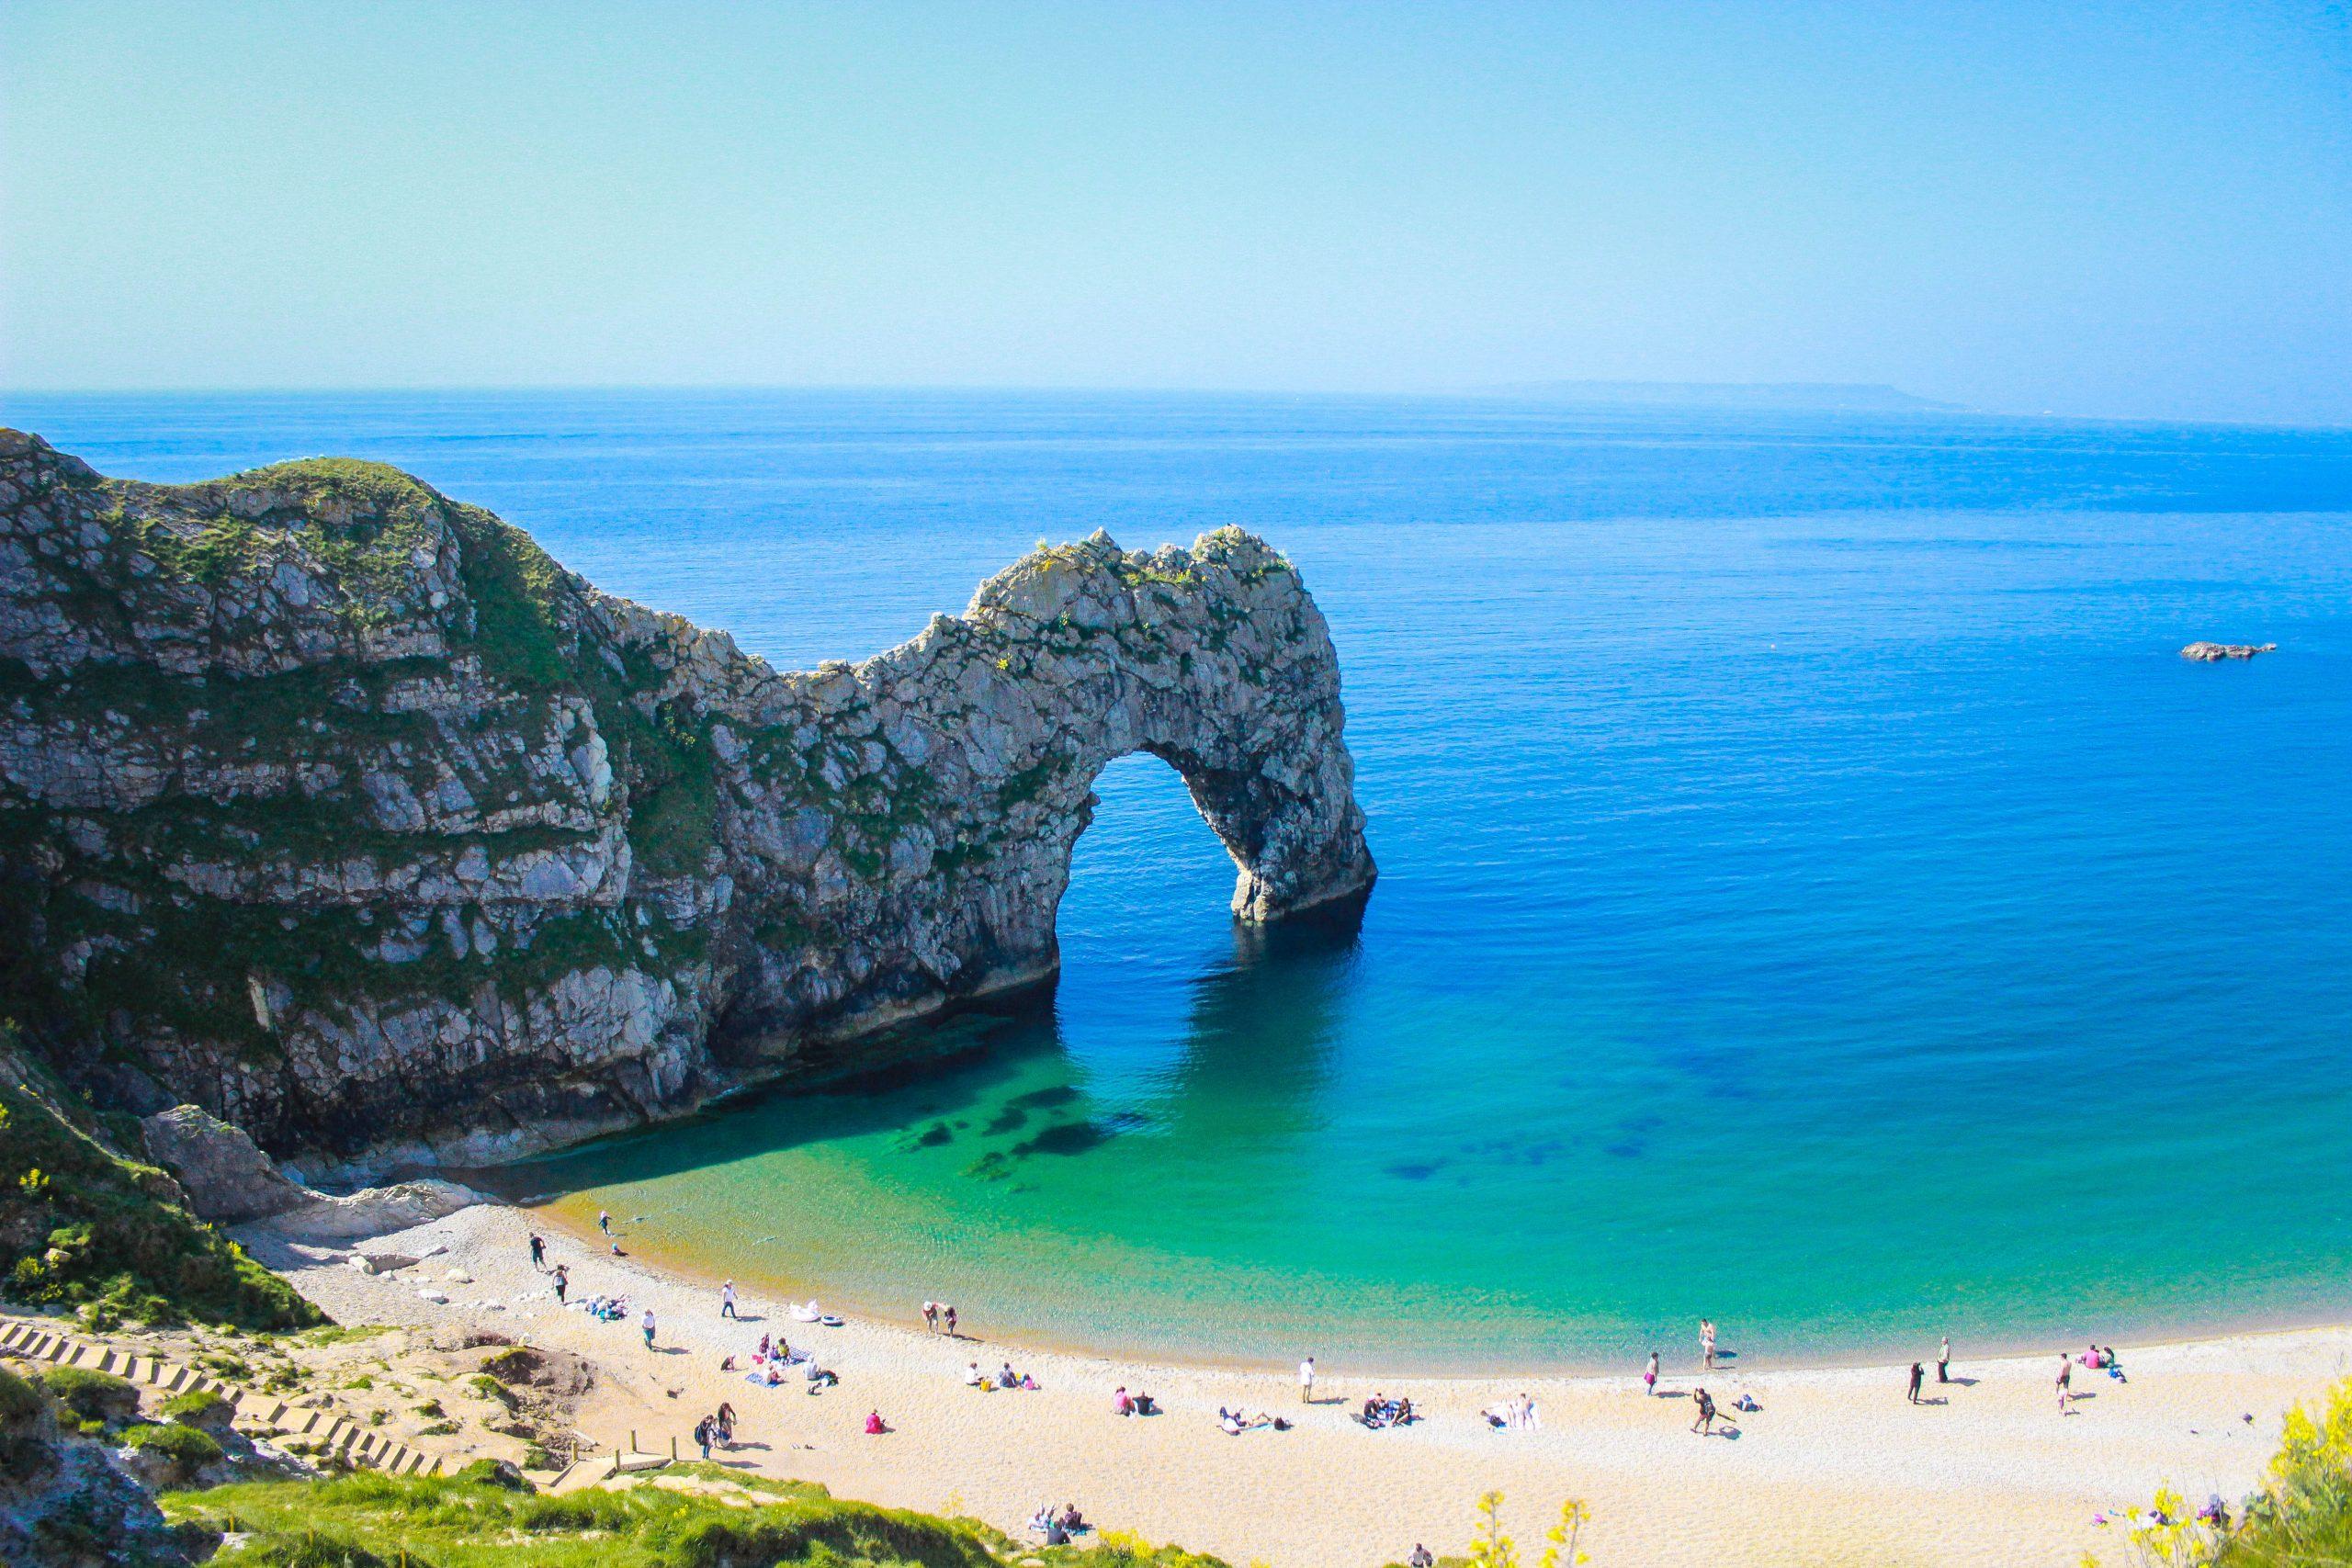 Durdle door beach in England